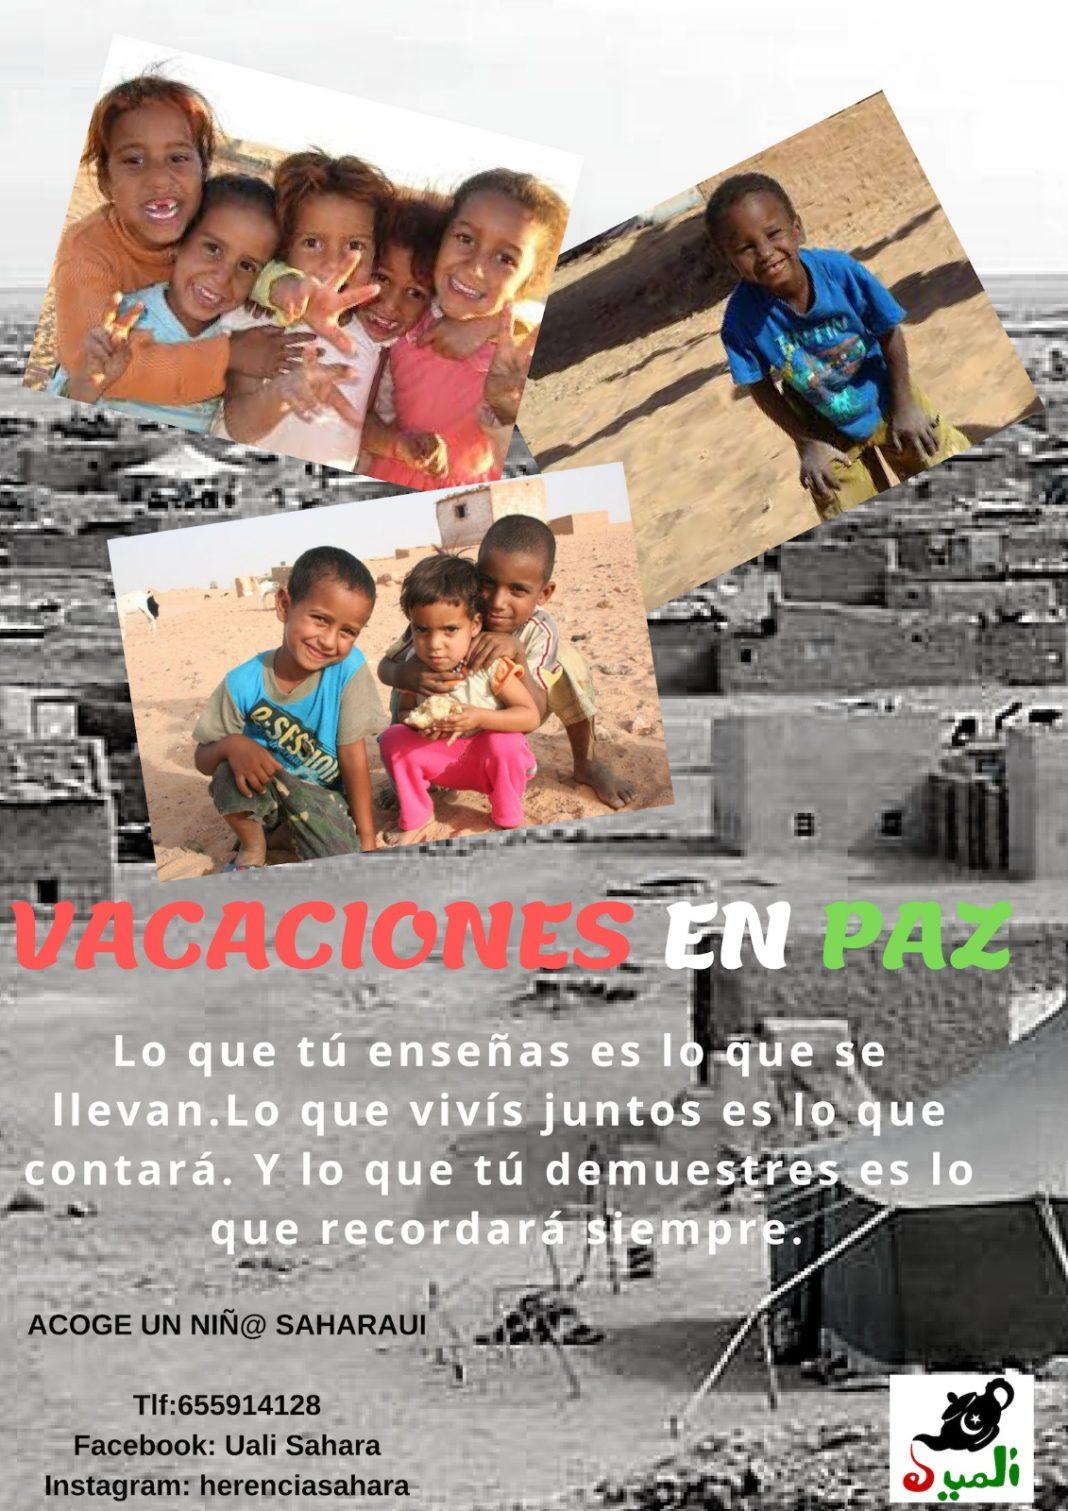 """La asociación """"El Uali"""" informa sobre el programa Vacaciones en Paz 2019 4"""